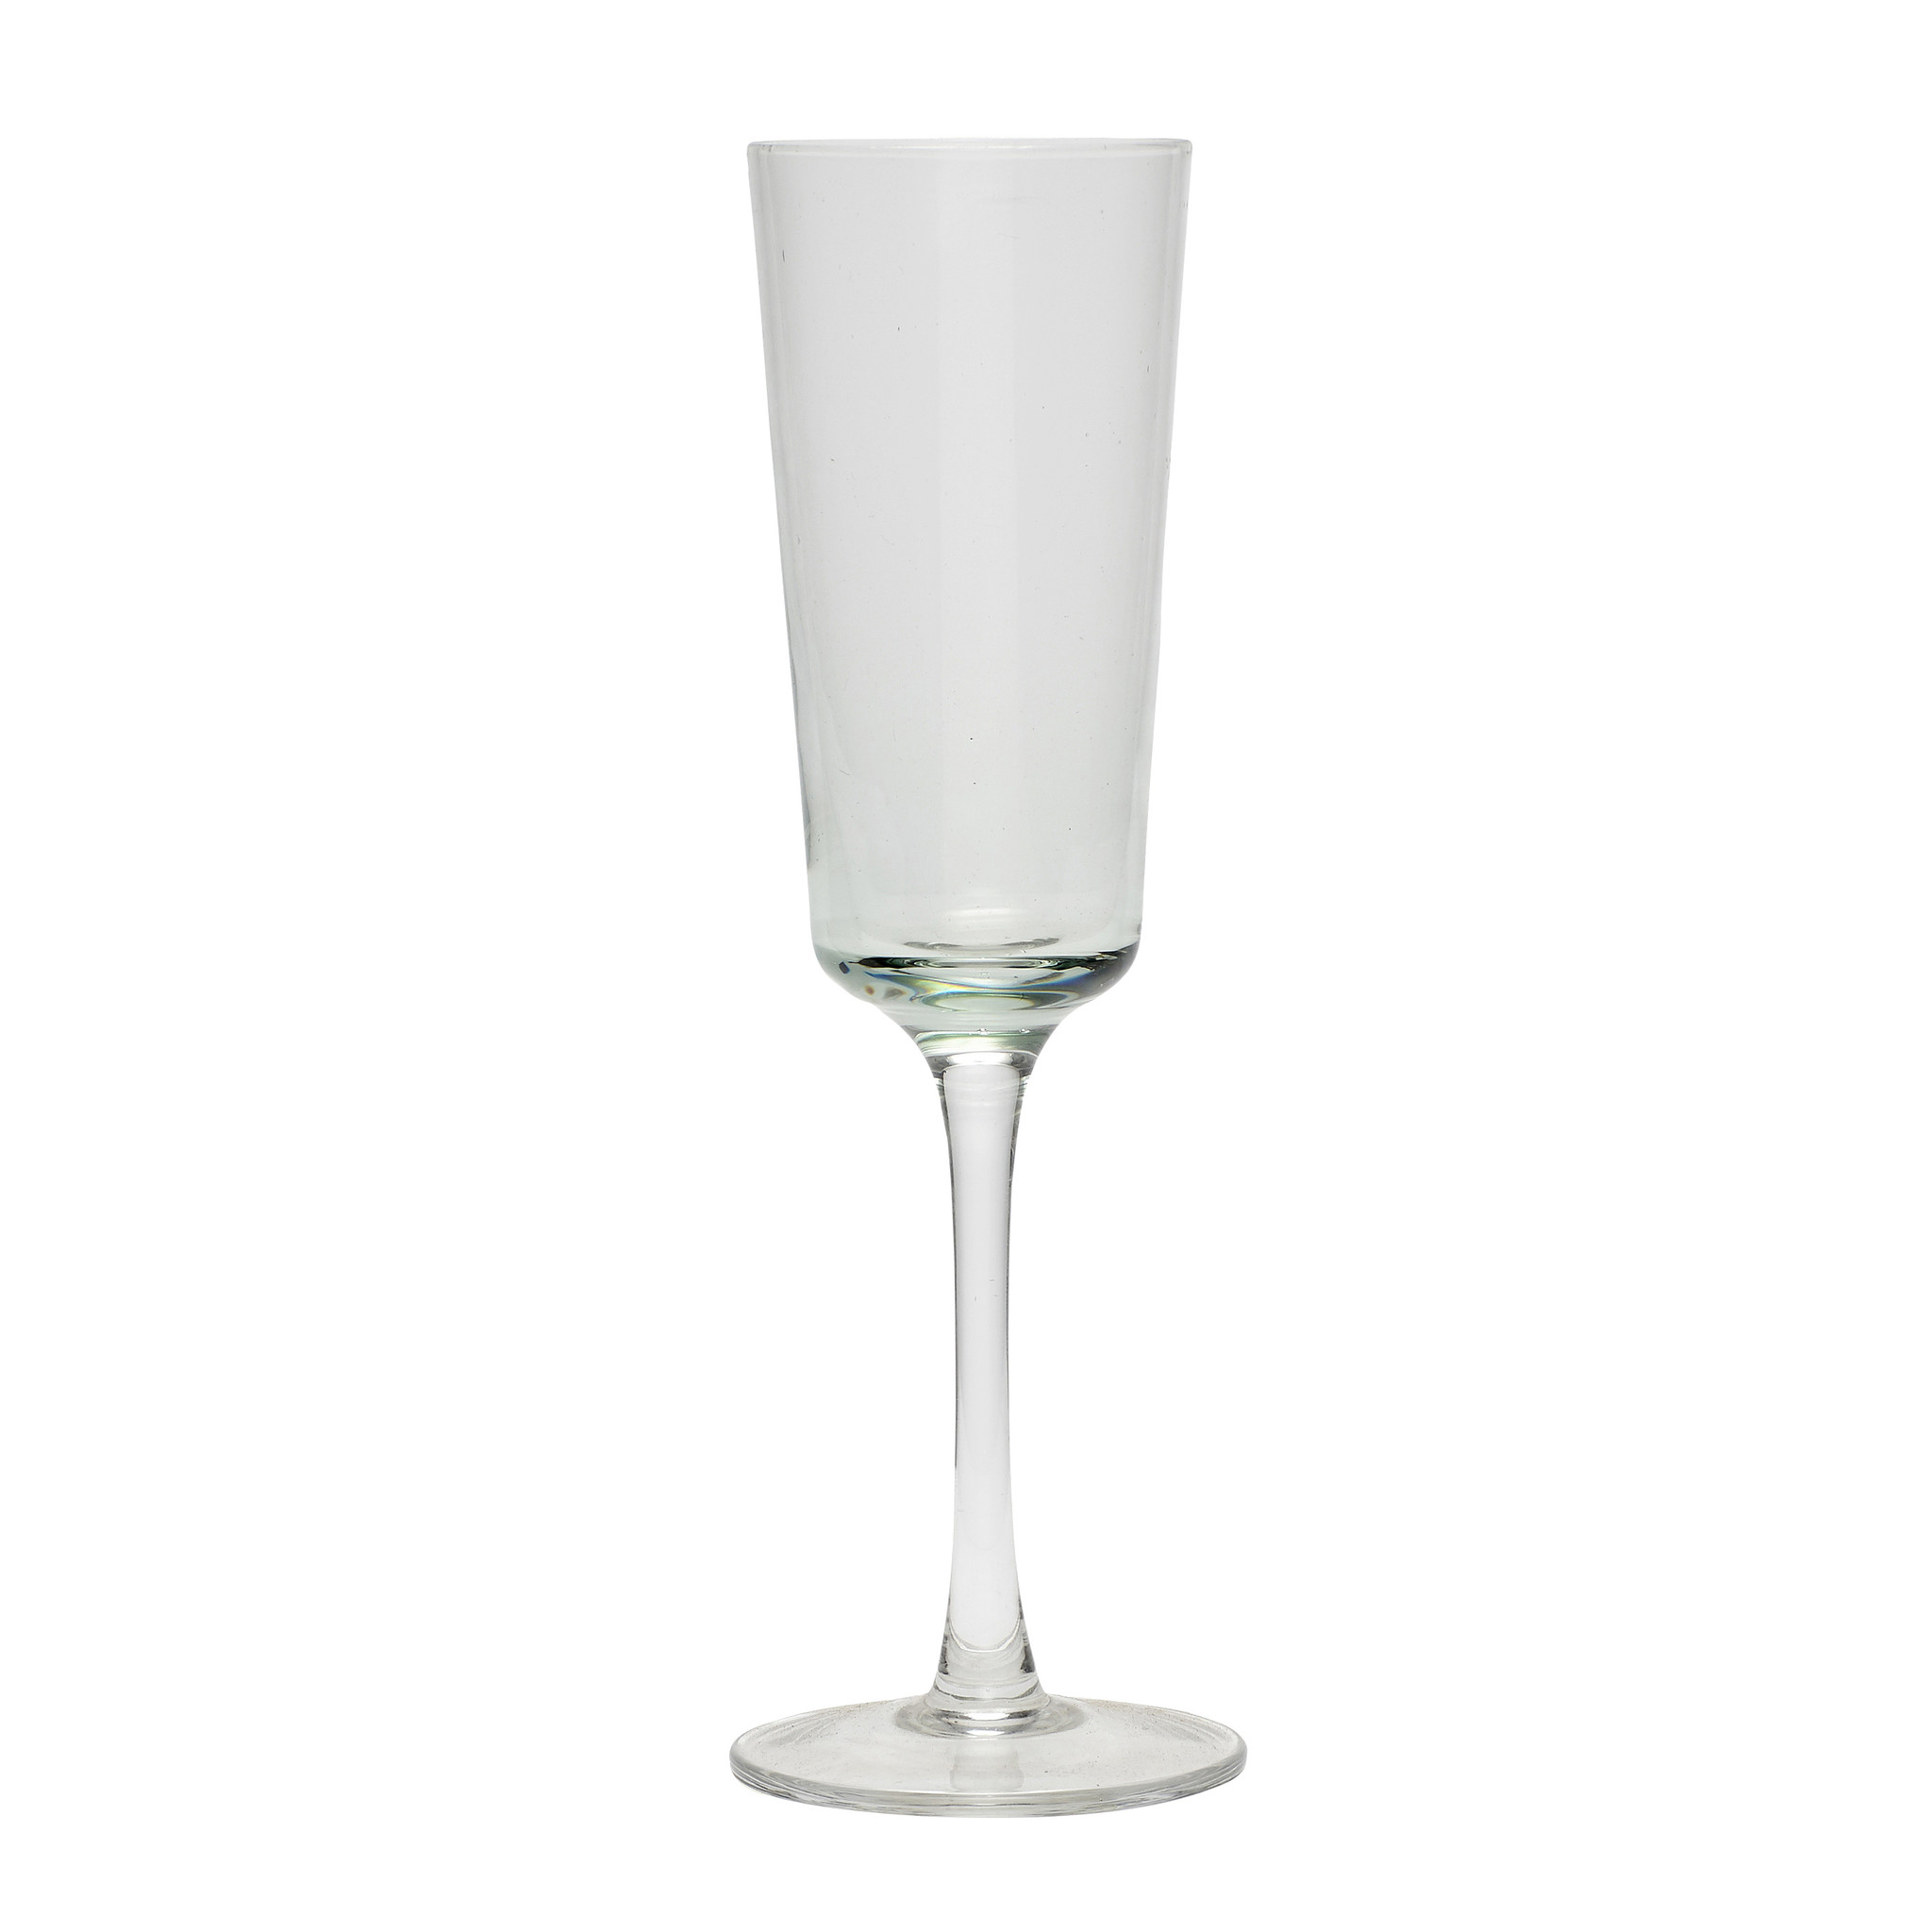 Hubsch Champagneglas, helder-480109-5712772047149